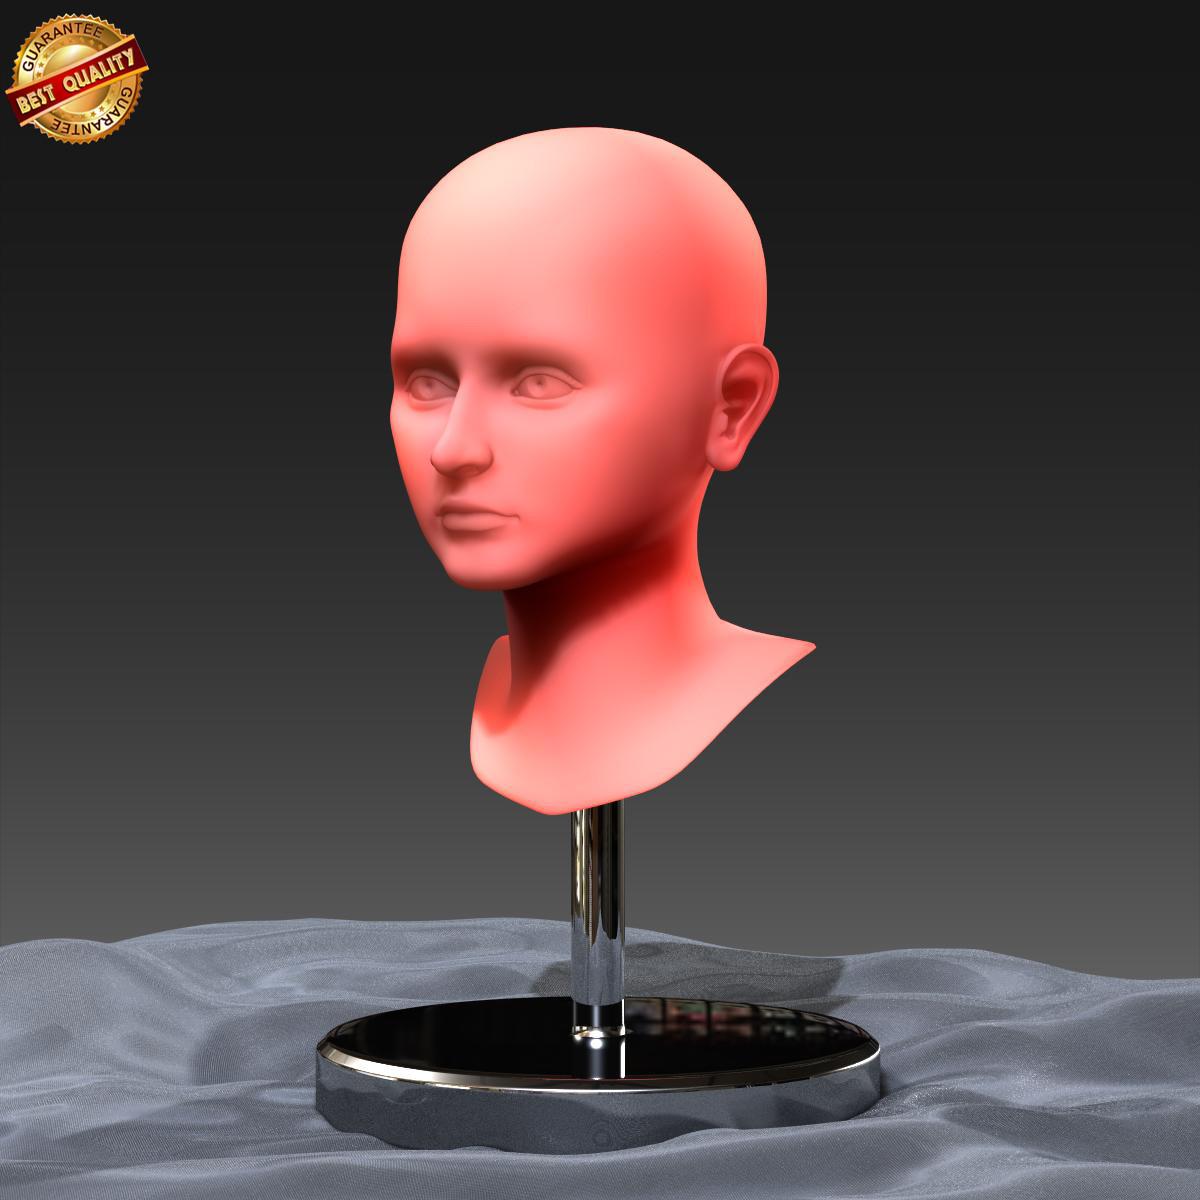 wax_head_female_view_01.jpg